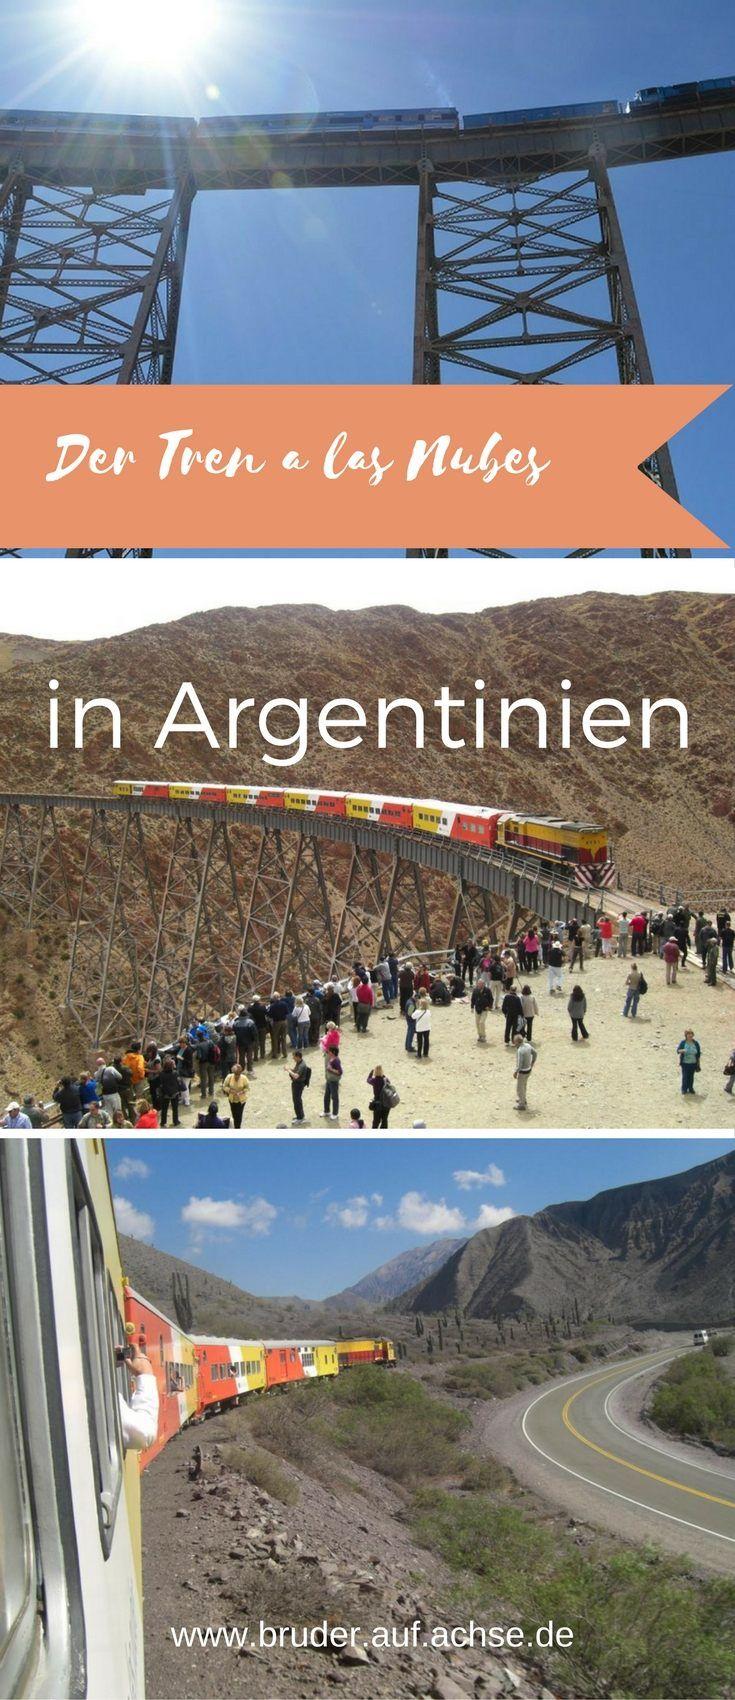 Der Tren a las Nubes im Nordwesten Argentiniens ist ein Muss für Eisenbahnfans. Allerdings ist die Strecke über die Anden von Stilllegung bedroht.